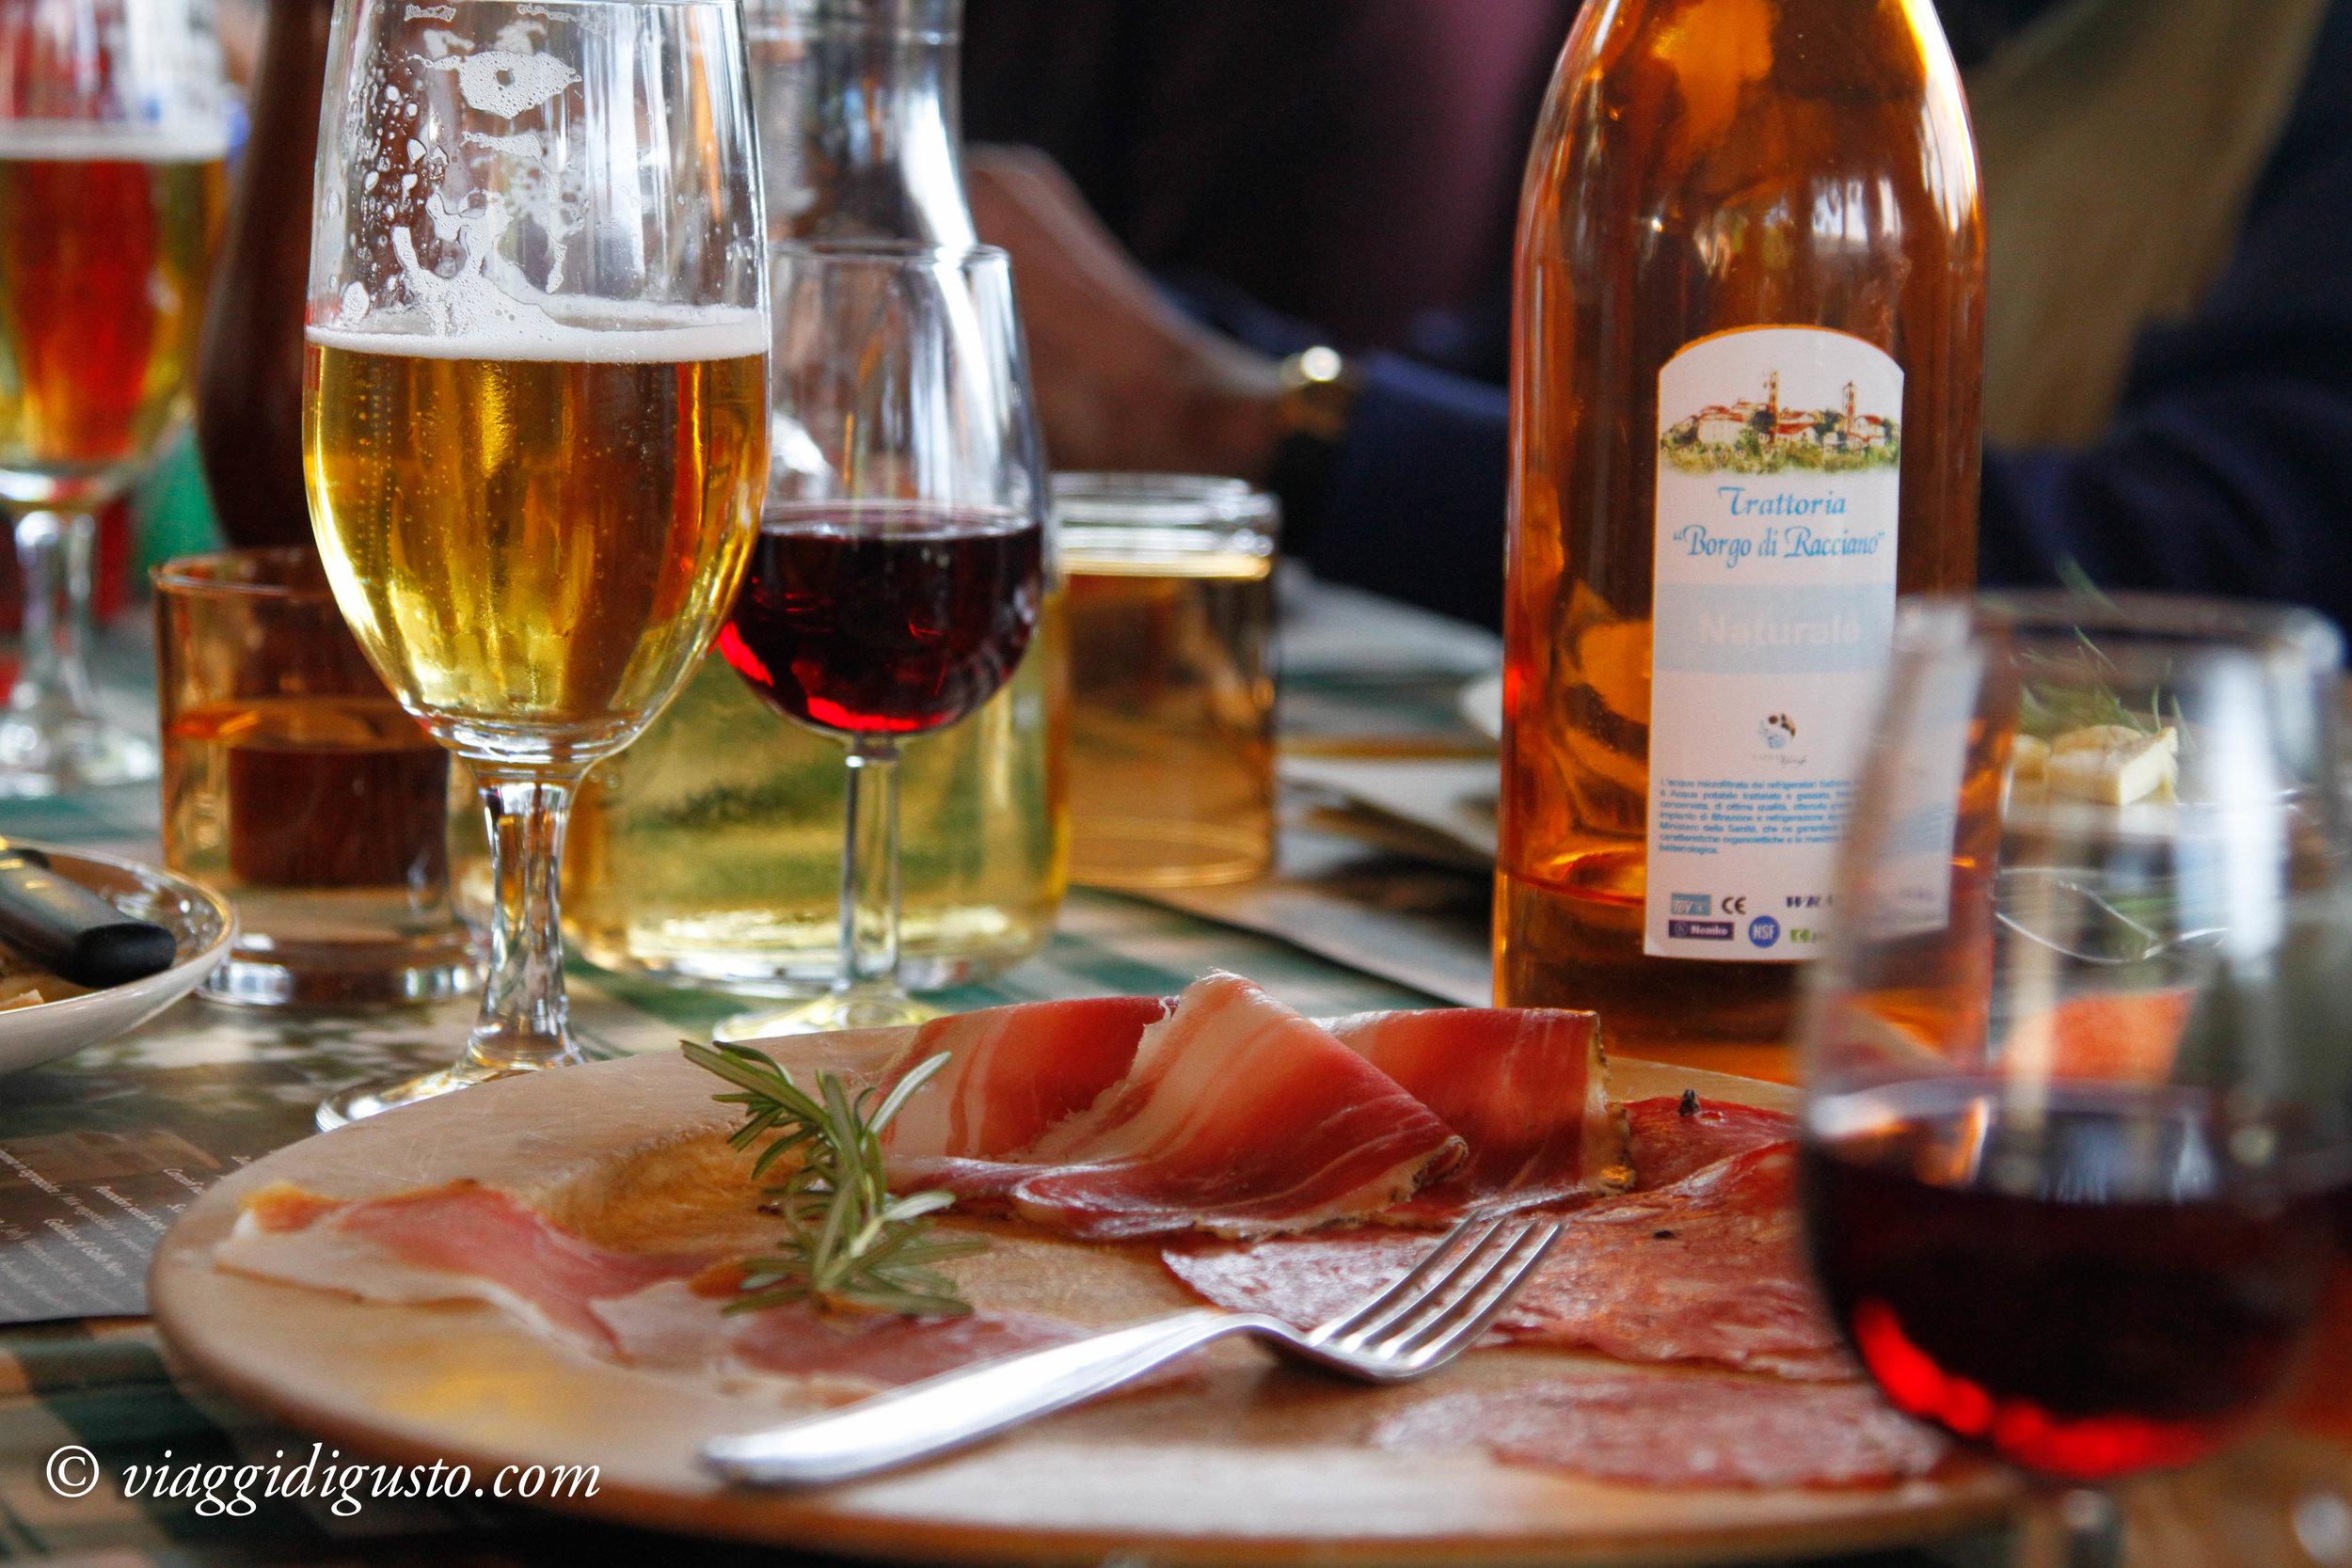 wine and prosciutto.jpg